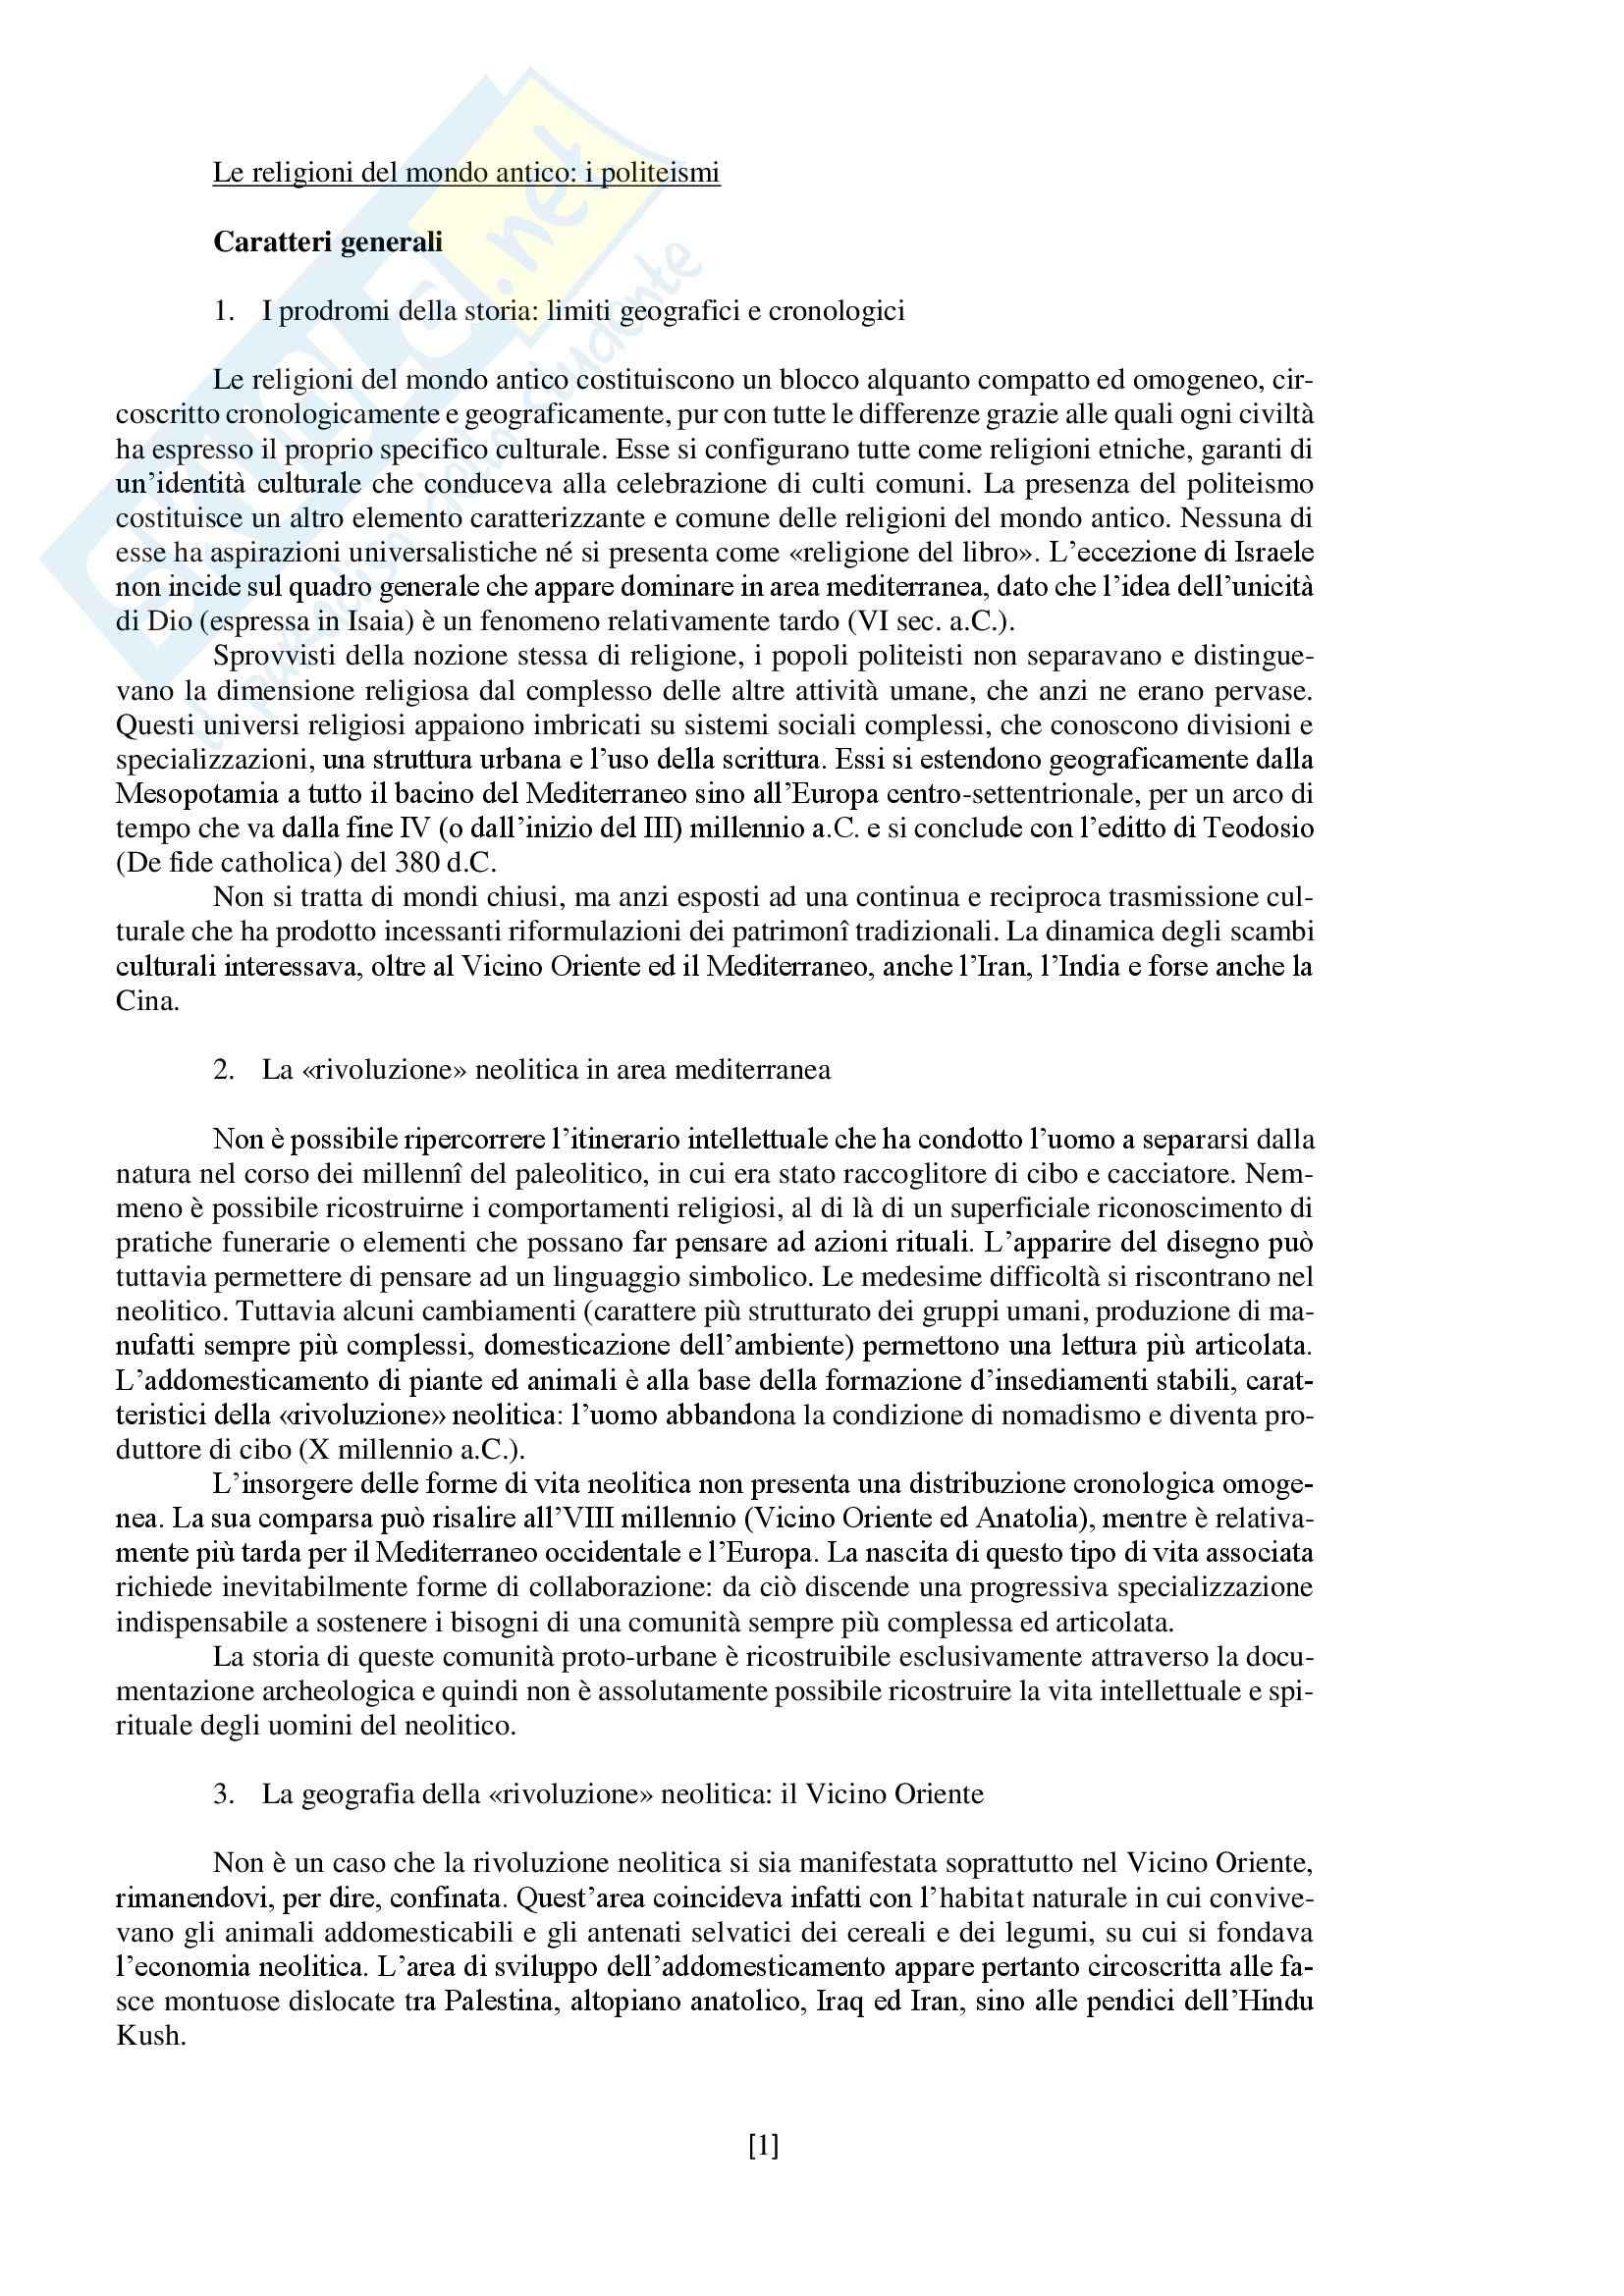 """Riassunto esame storia delle religioni, prof. Spineto, libro consigliato """"Manuale di storia delle religioni"""" di G. Filoramo, M. Massenzio, M. Raveri, P. Scarpi"""